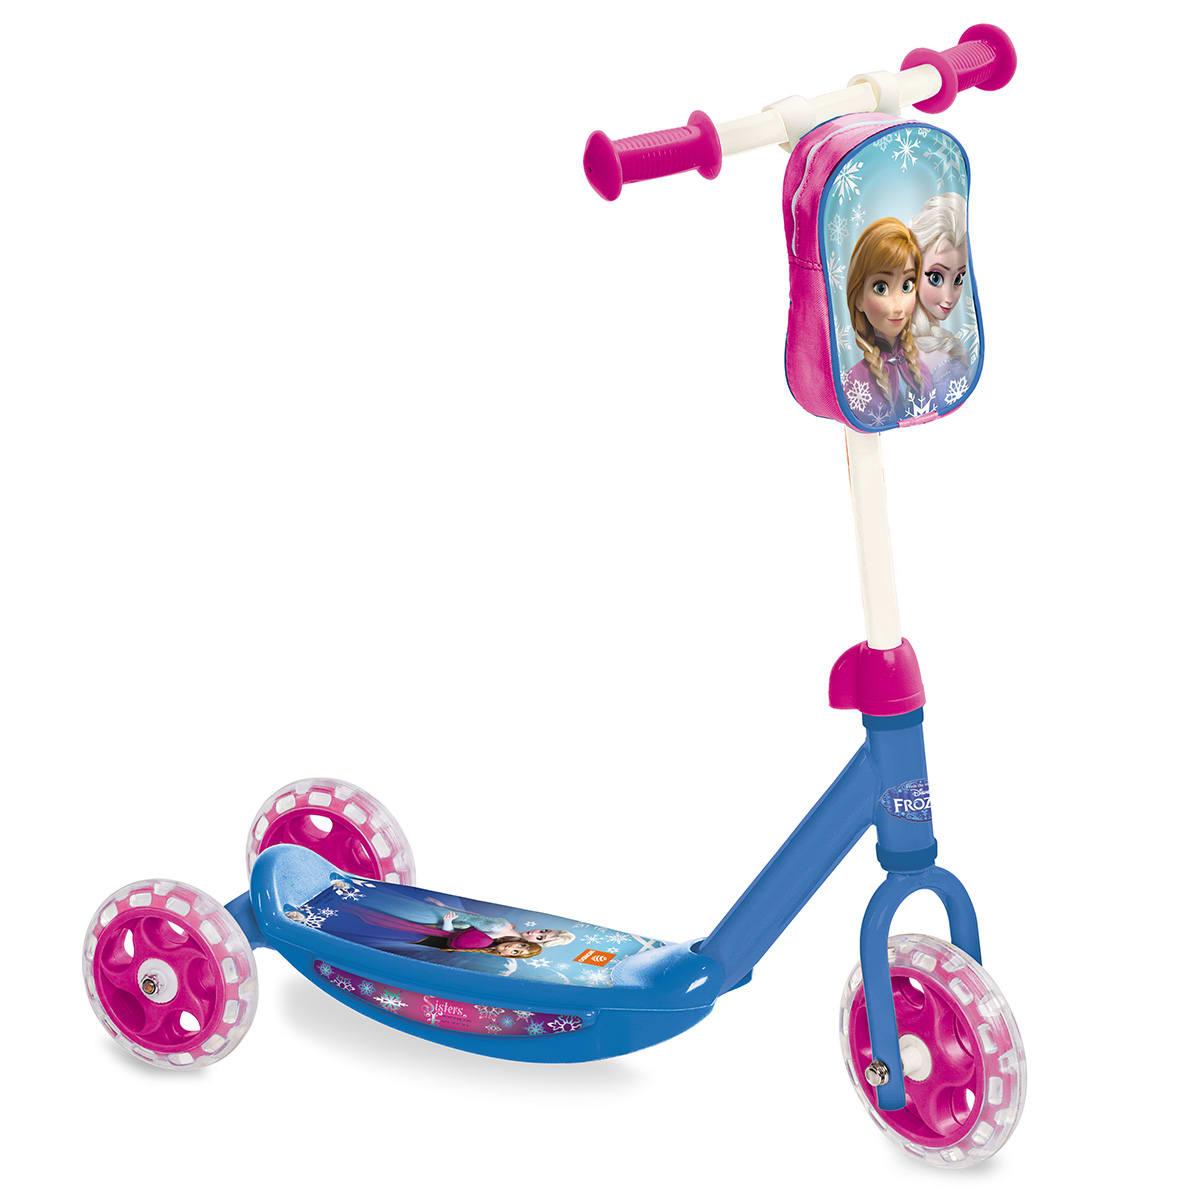 Løbehjul med tre hjul, så små prinsesser nemmere kan holde balancen